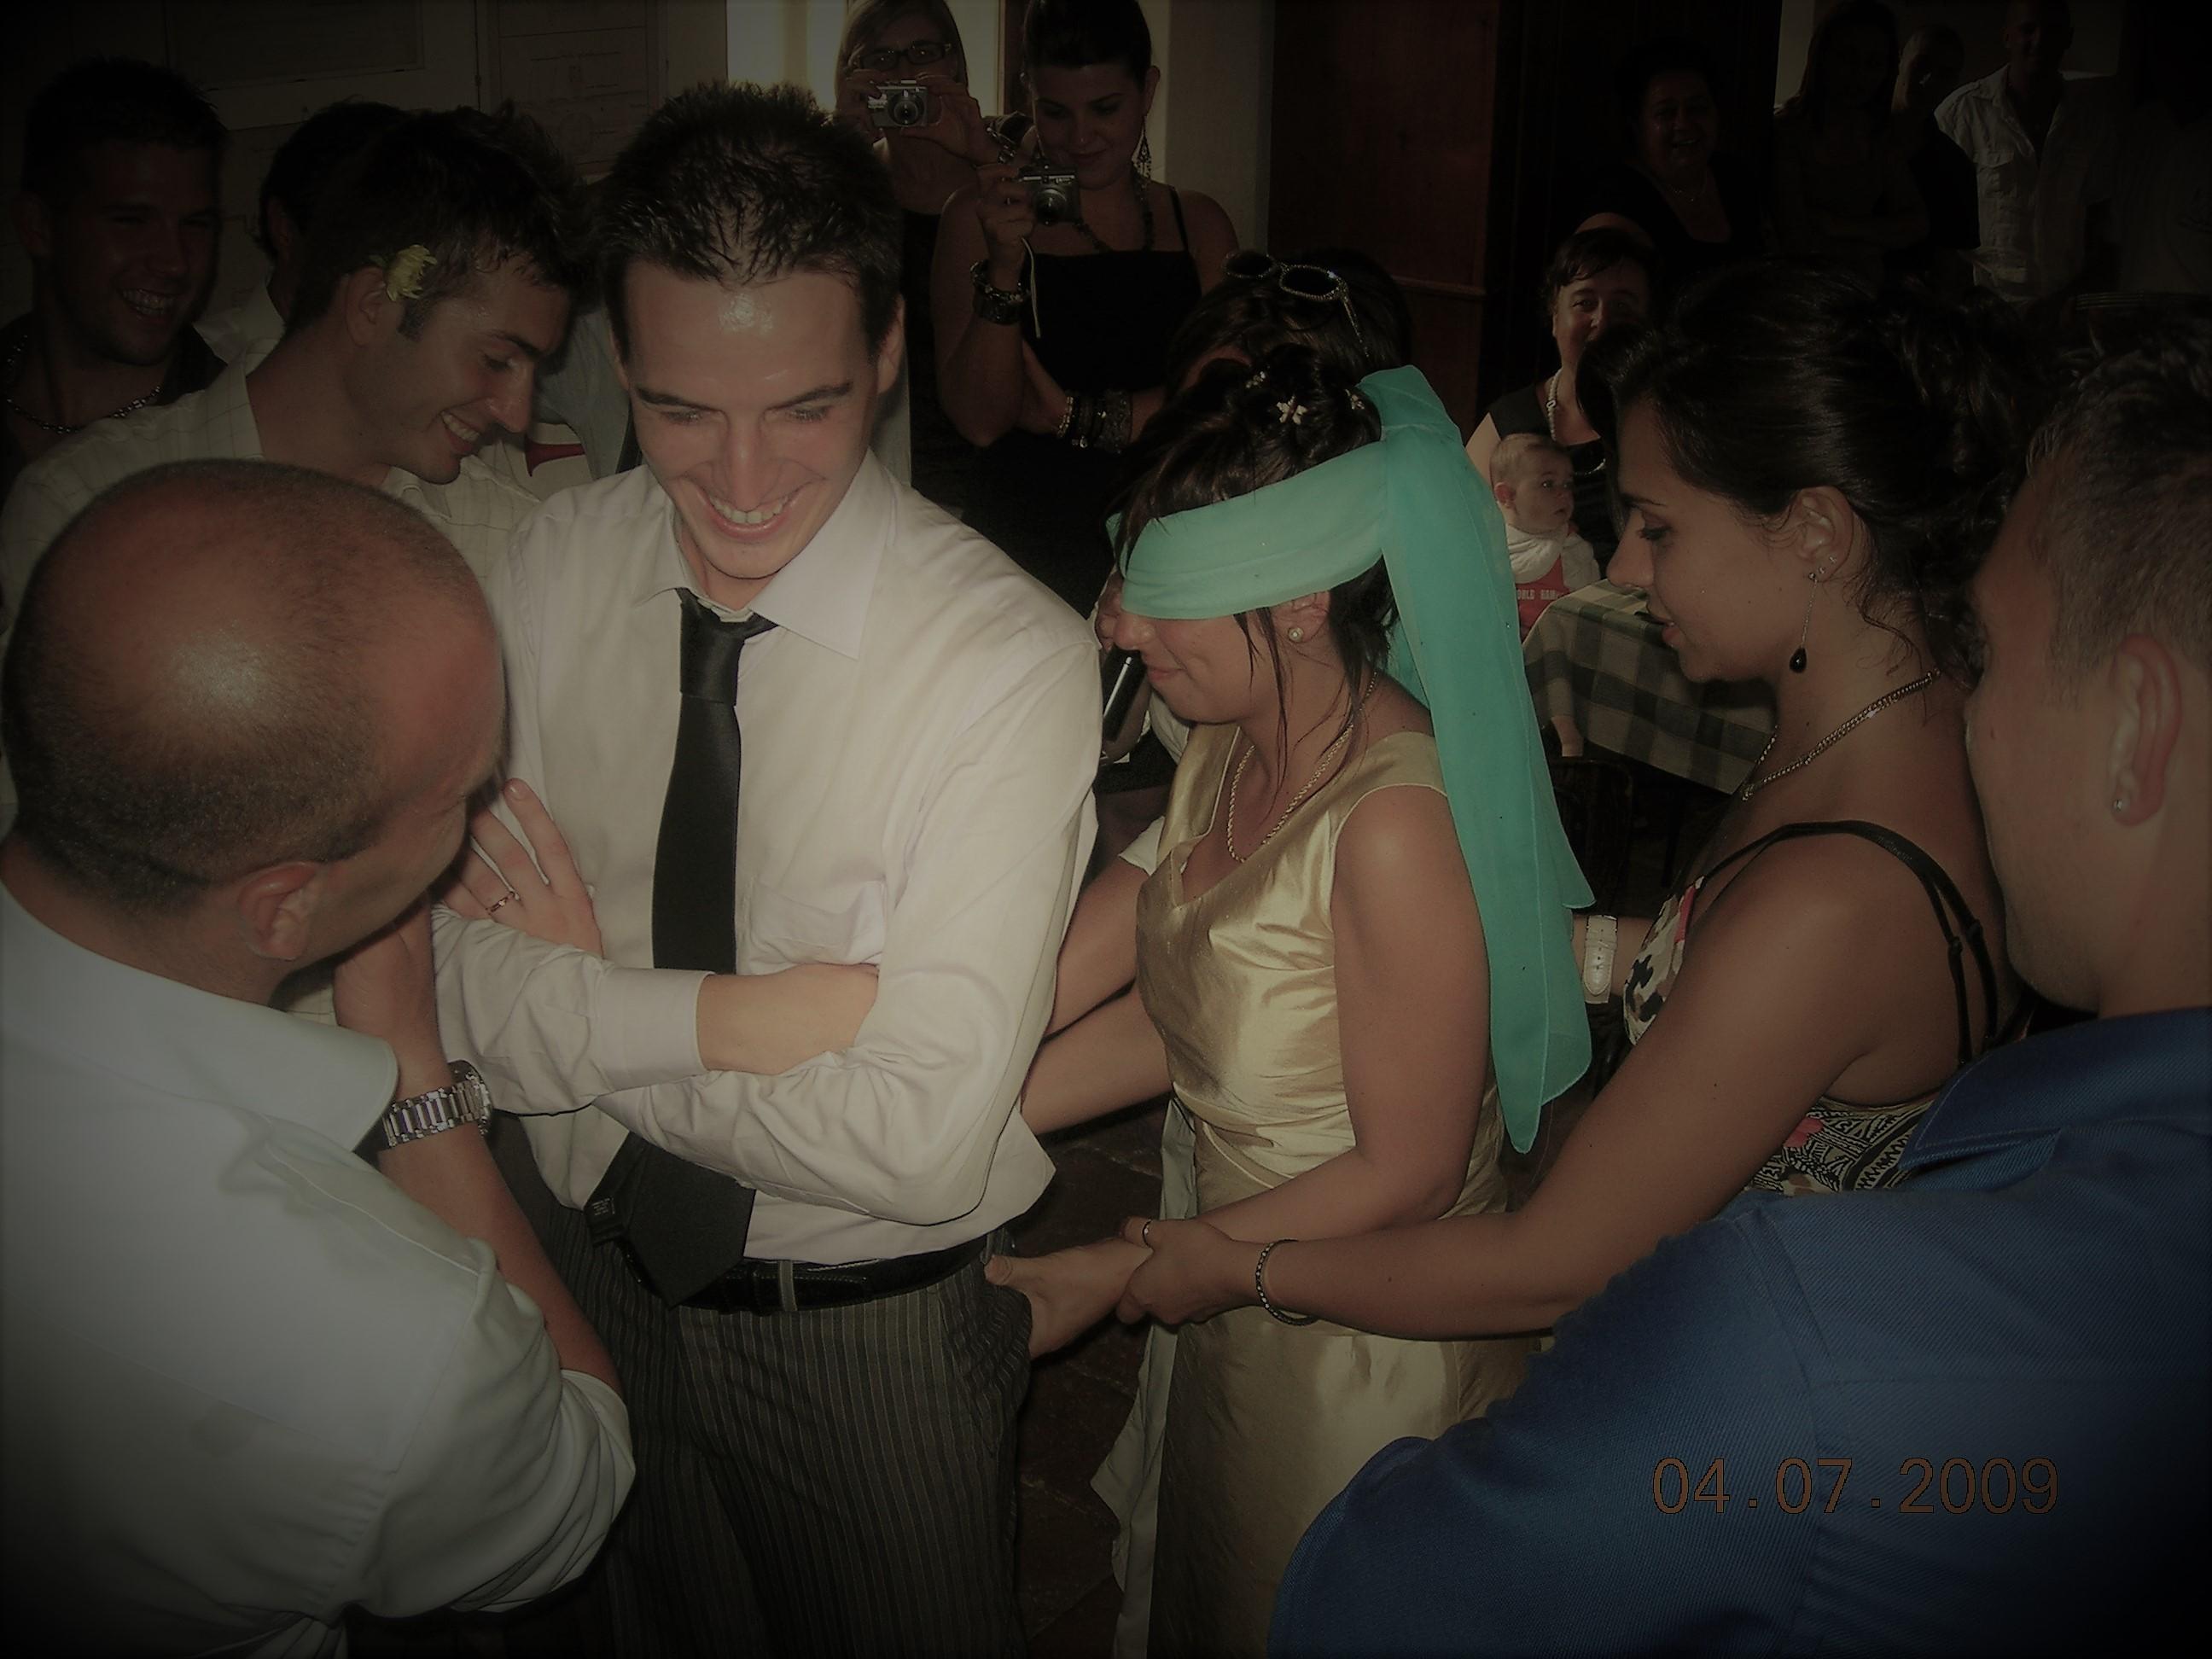 Oscar e Emanuela 04.07.2009 - 072.JPG